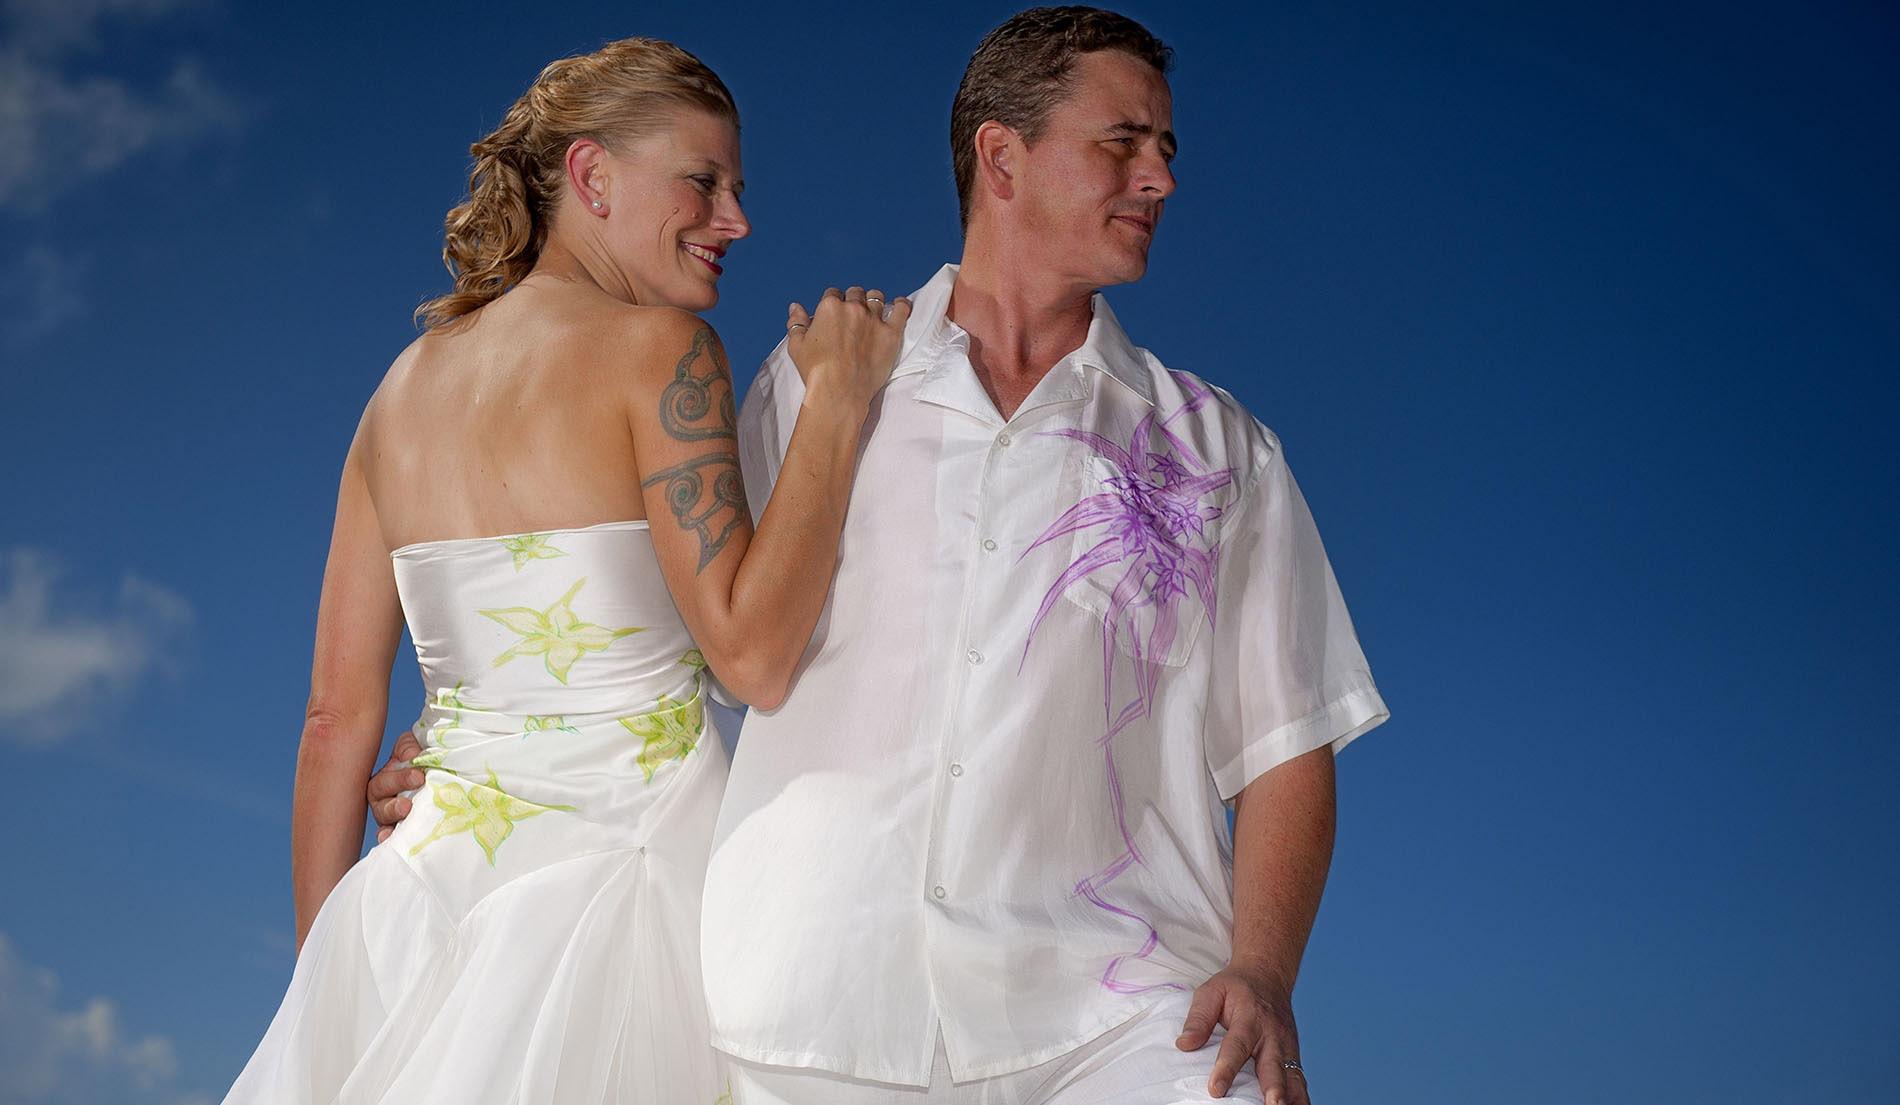 LOOK 3 with bride